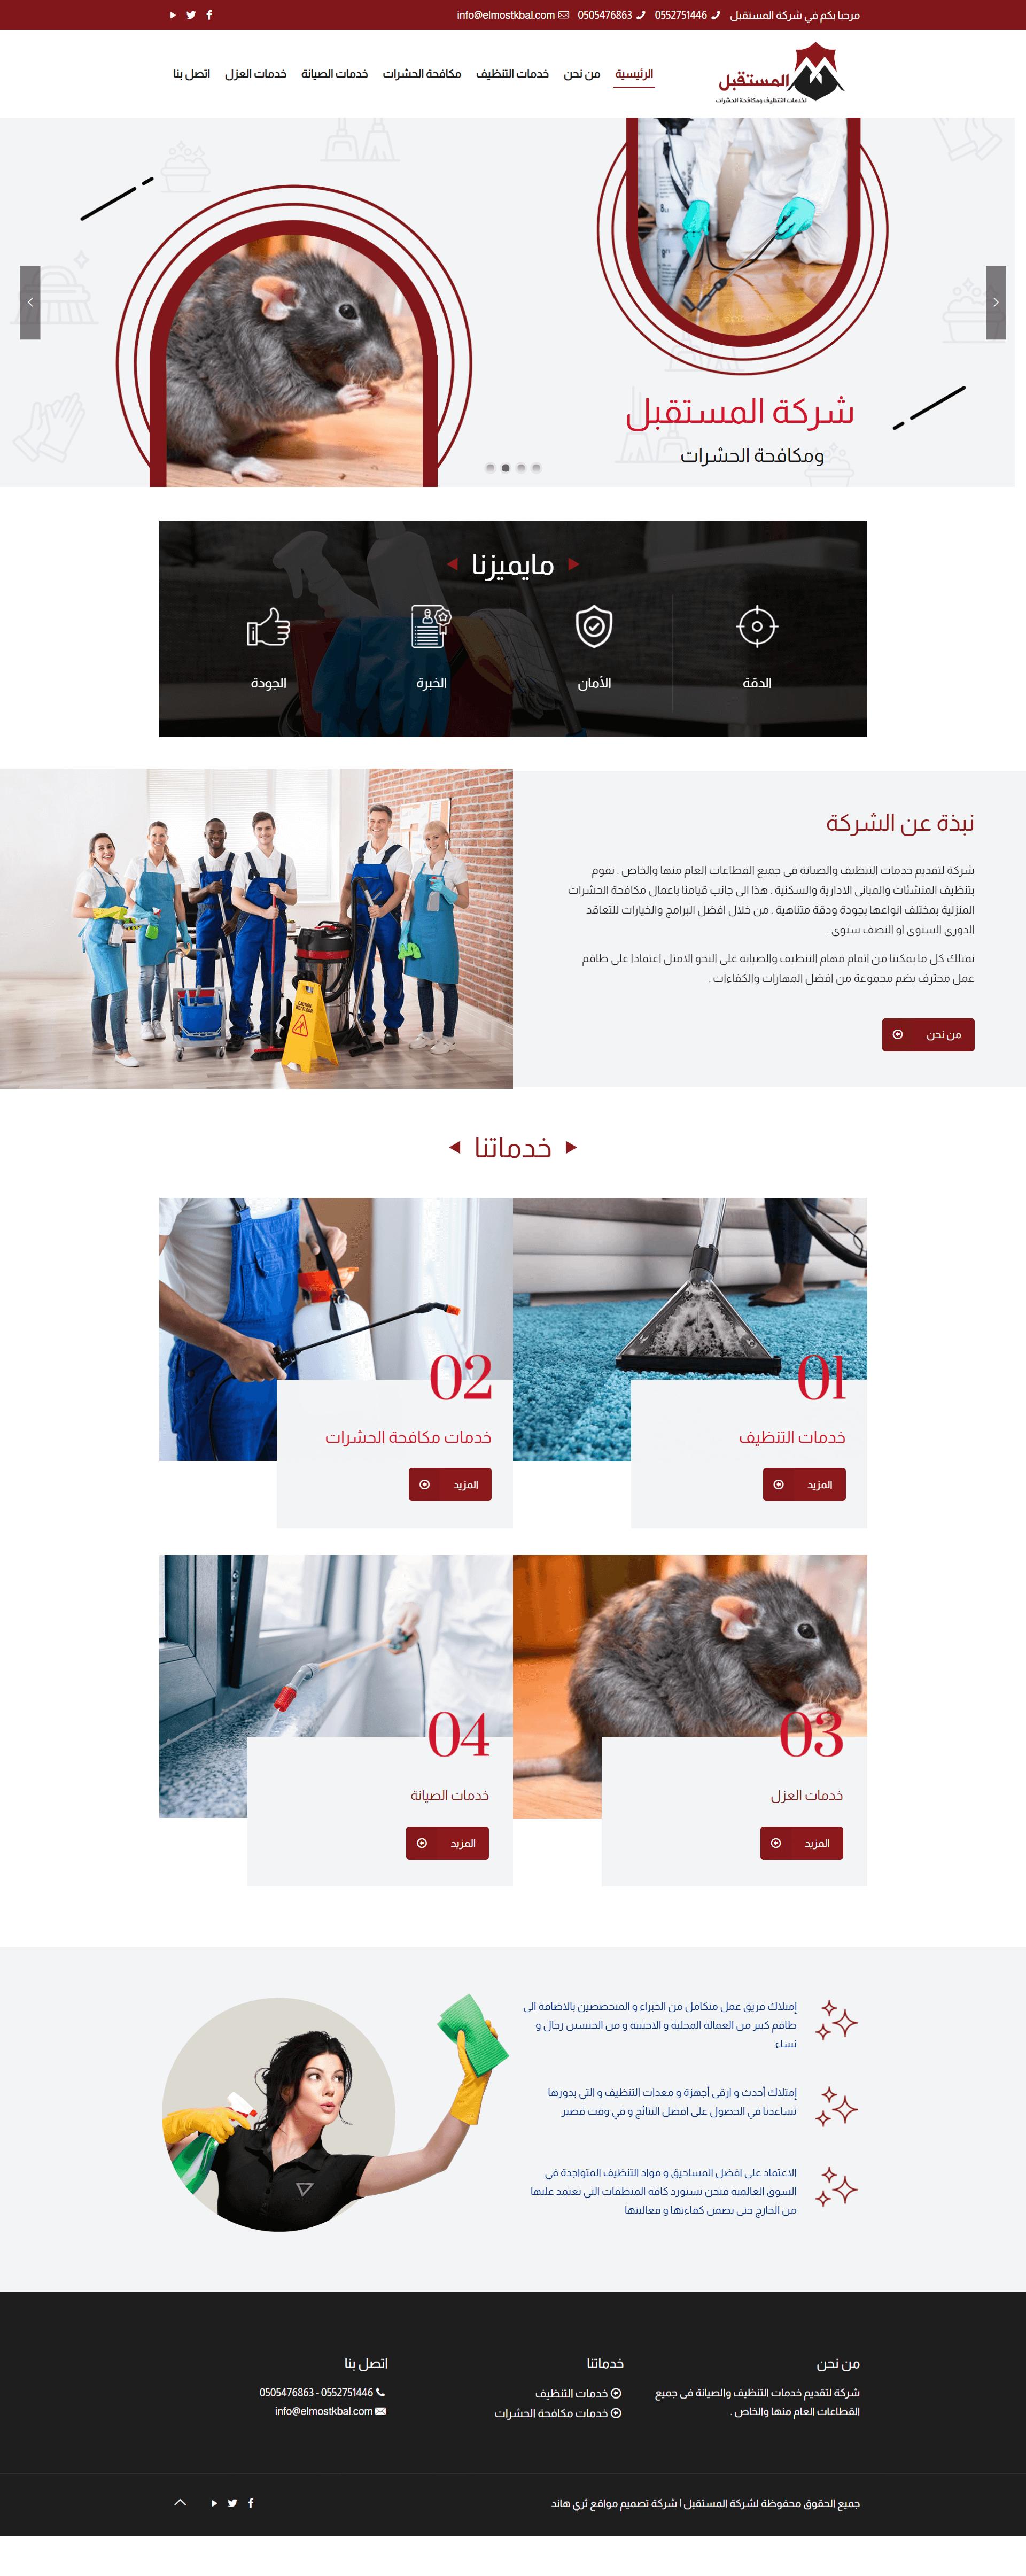 شركة-المستقبل-–-لخدمات-النظافة-ومكافحة-الحشرات (4)